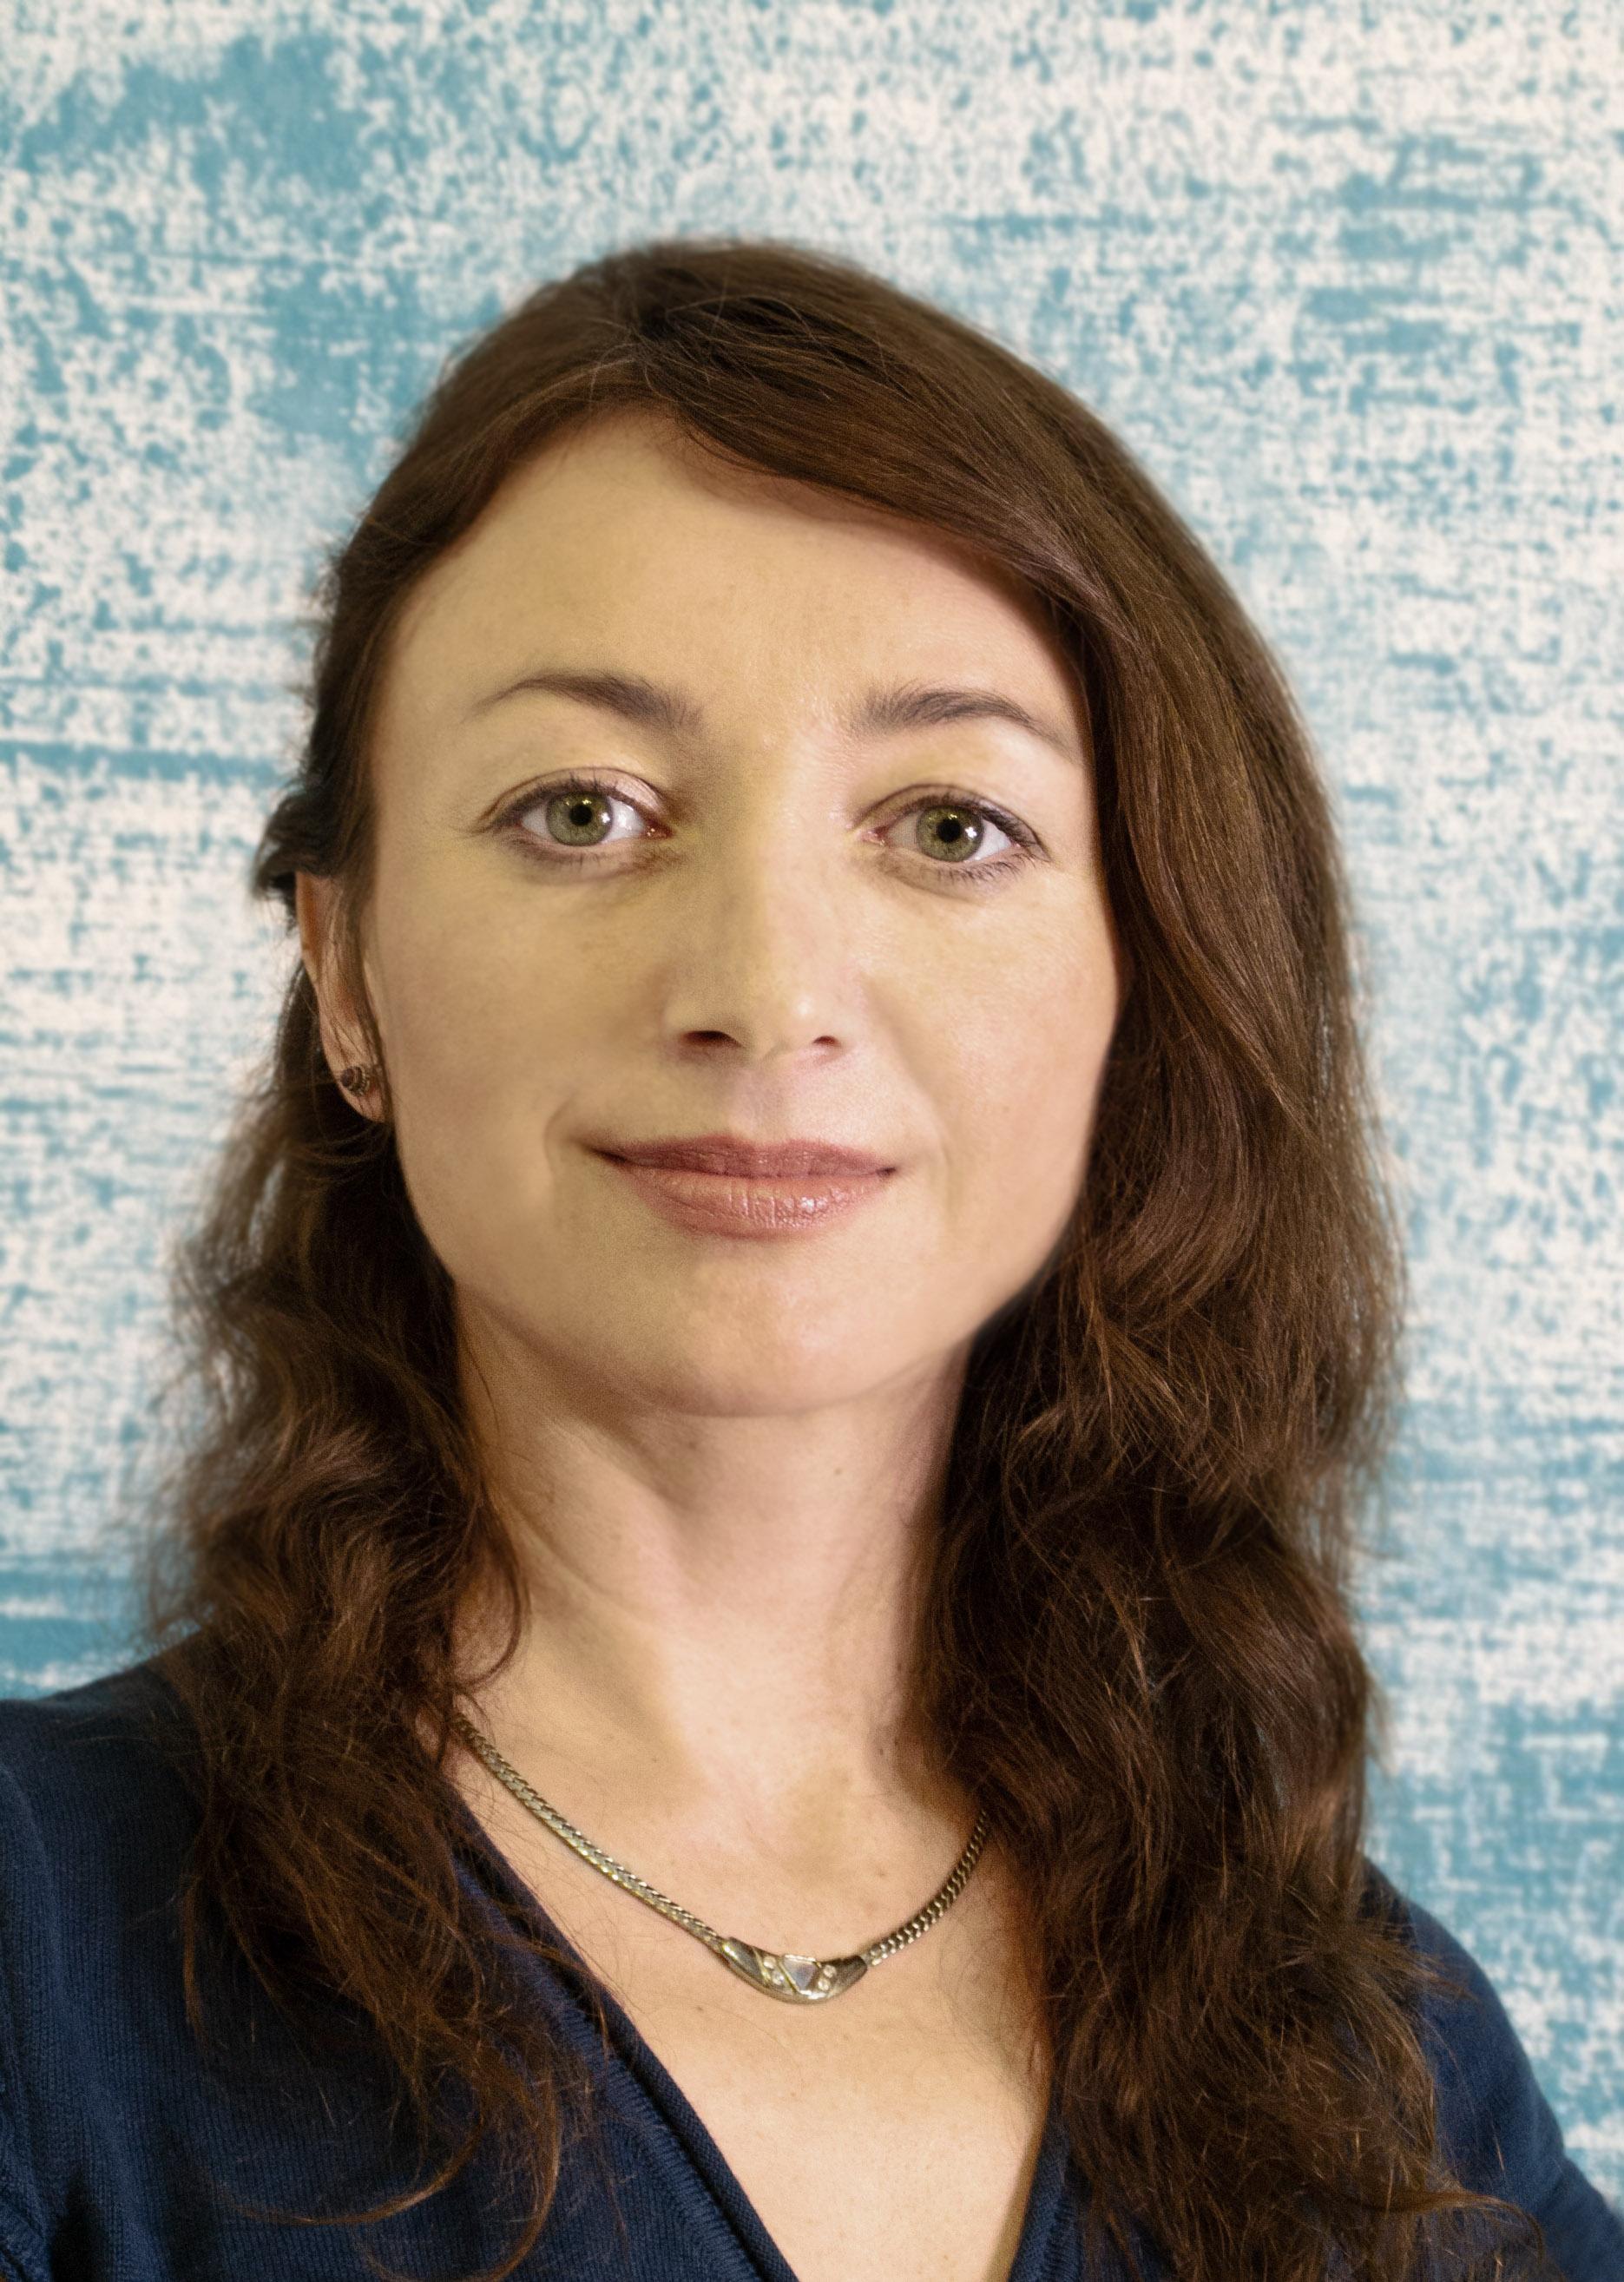 Irene Herdt